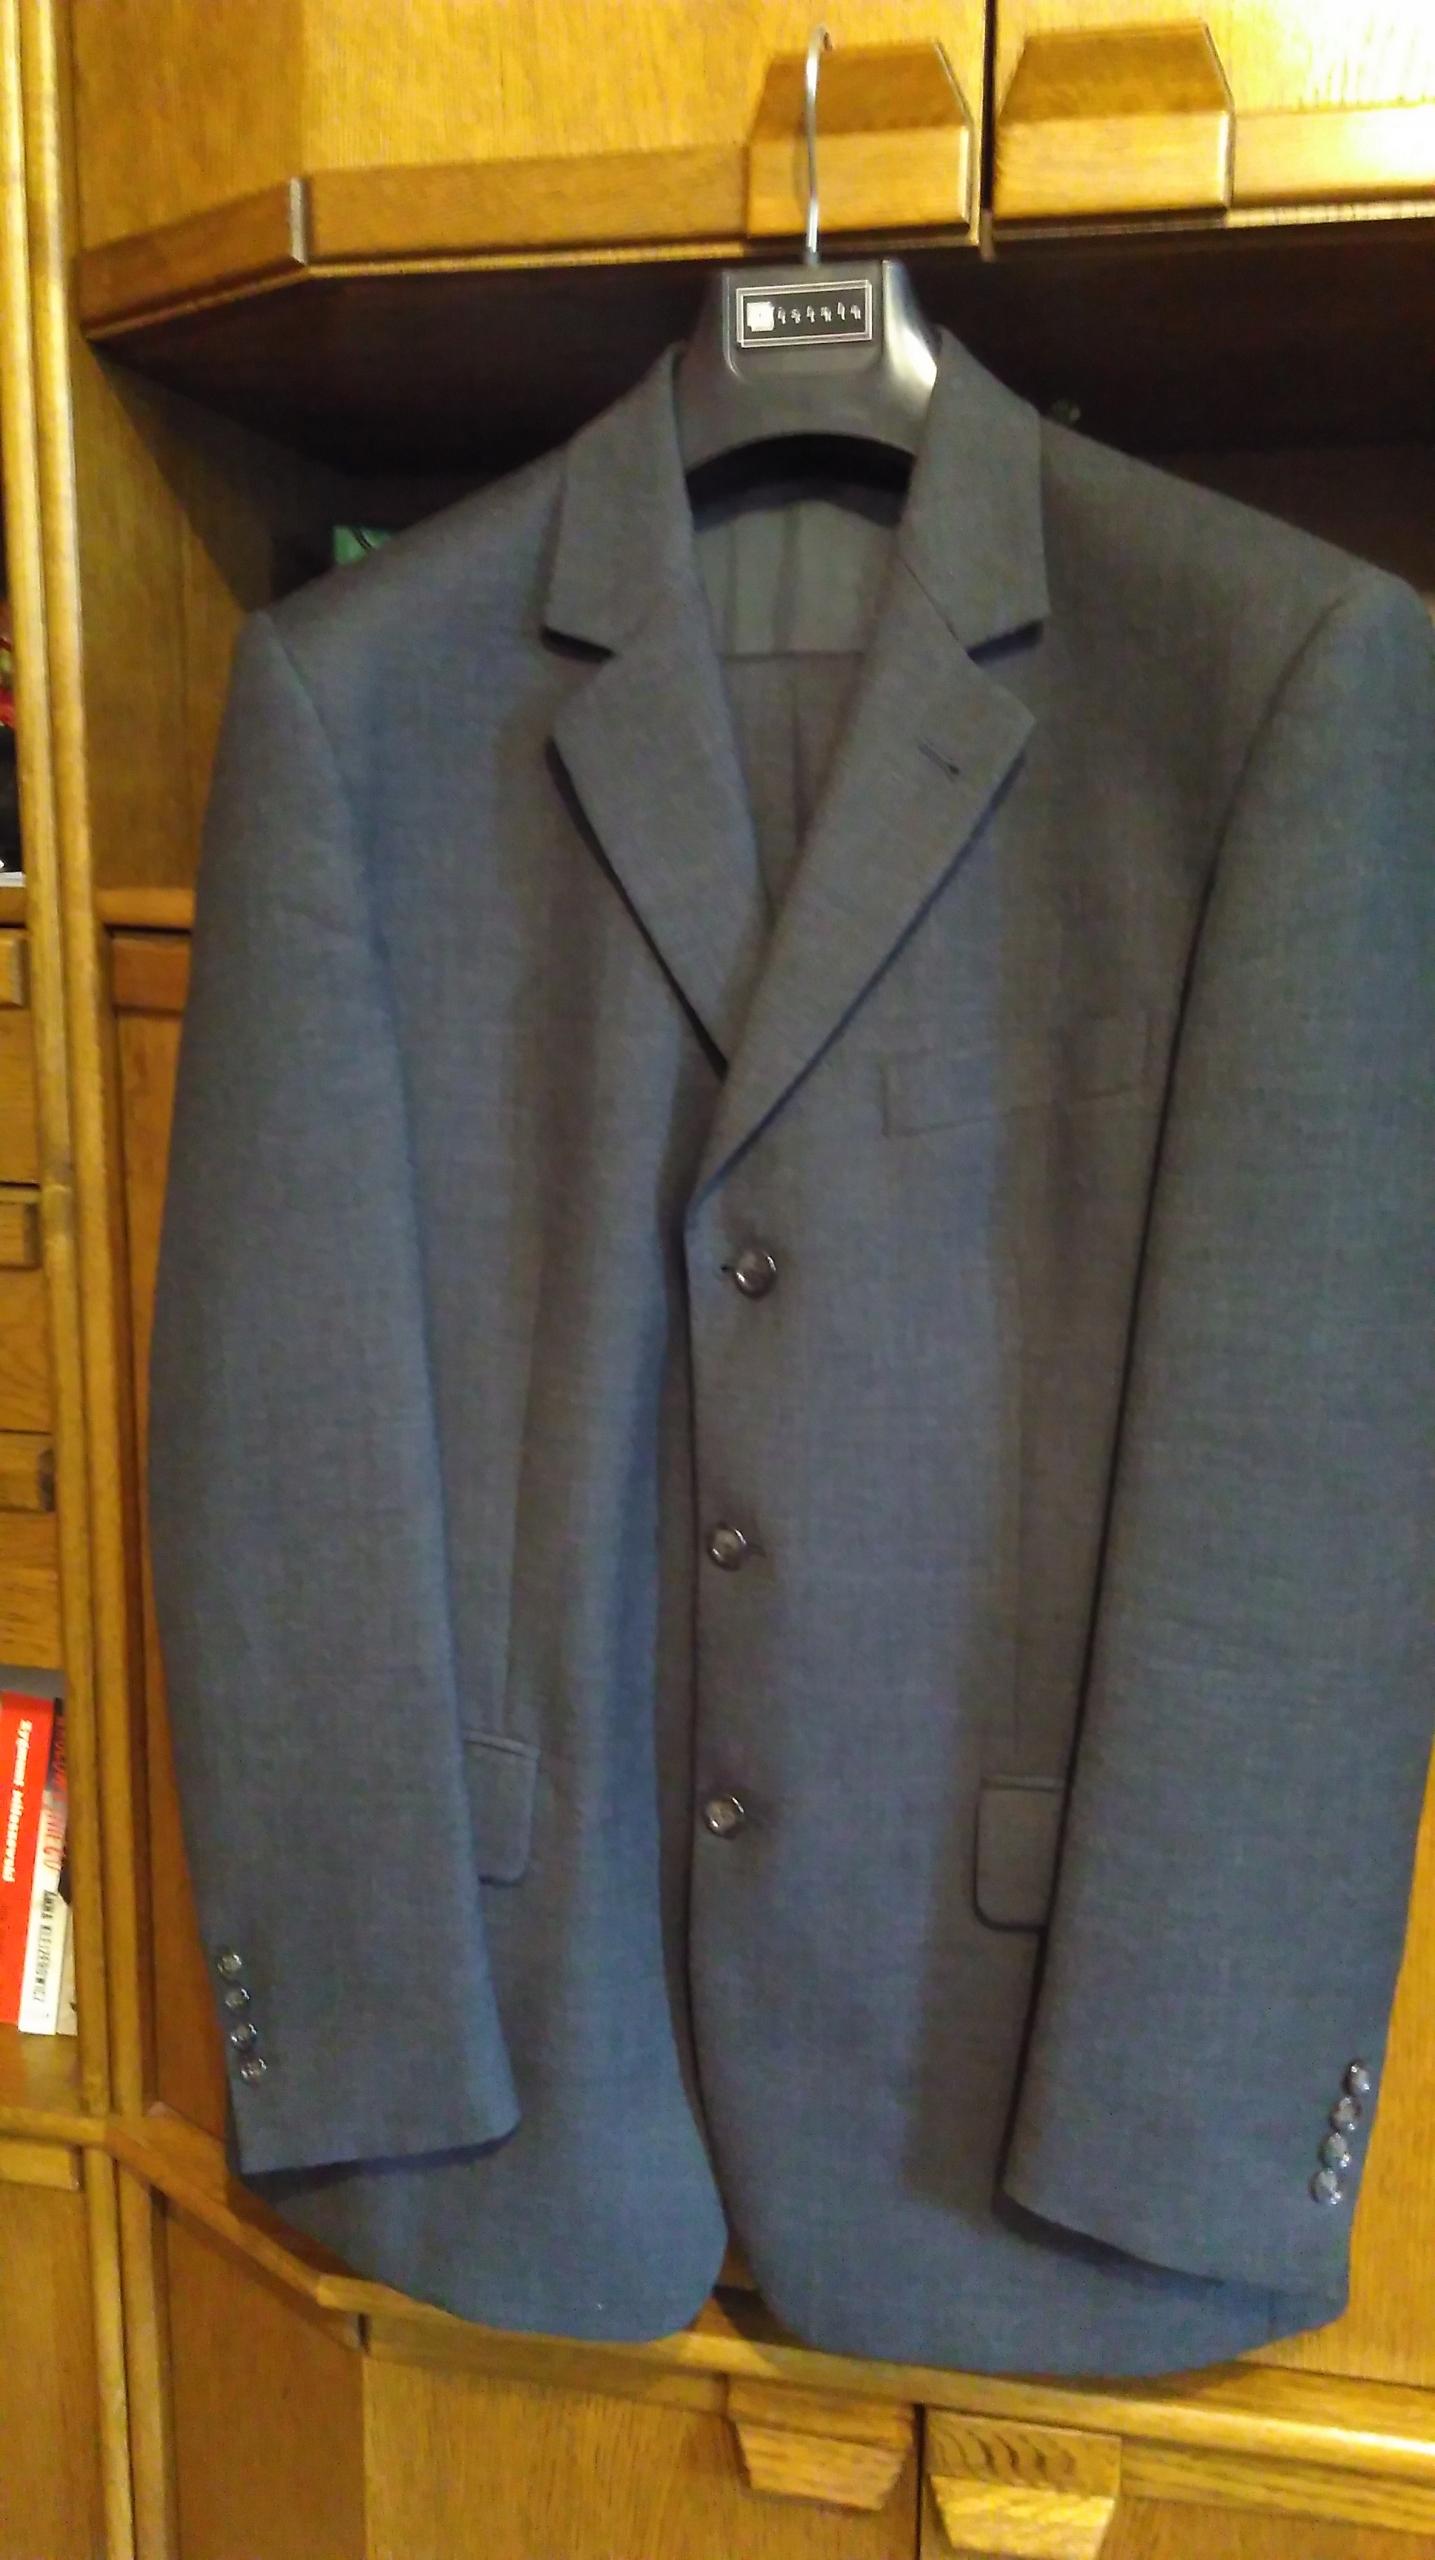 b7fdbd2b50760 Garnitury krakow w Oficjalnym Archiwum Allegro - archiwum ofert